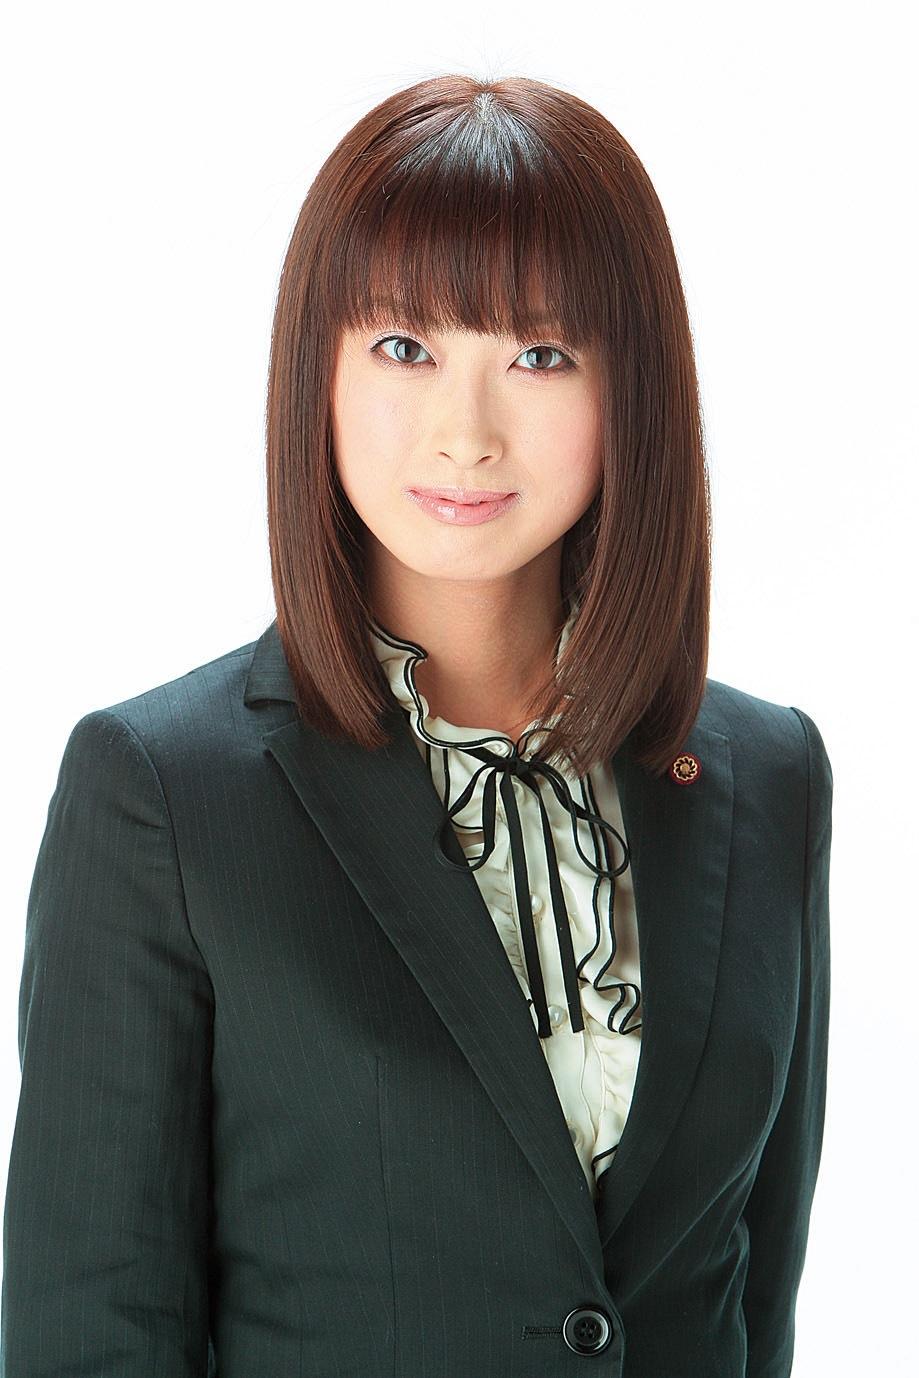 Photo: logsoku.com